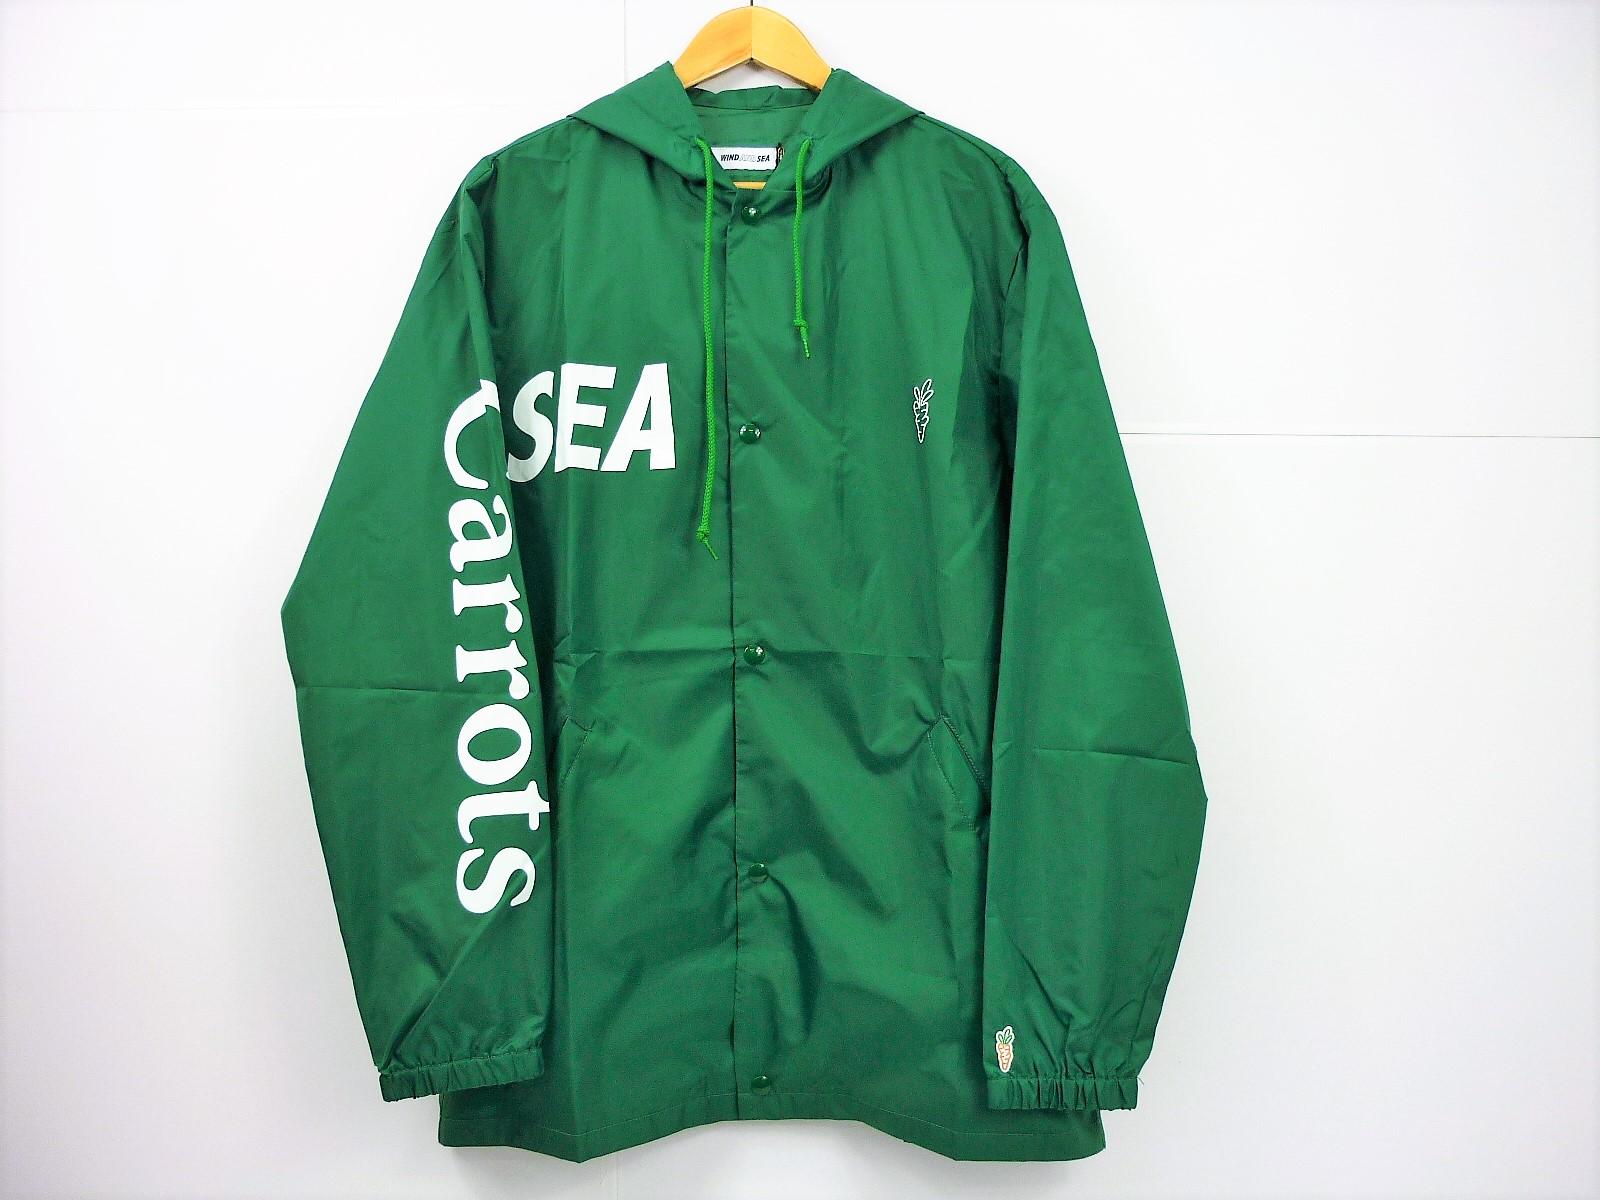 値下げしました WIND AND SEA Carrots Nylon ジャケット size:L ウィンドアンドシー キャロッツ ナイロンコーチジャケット